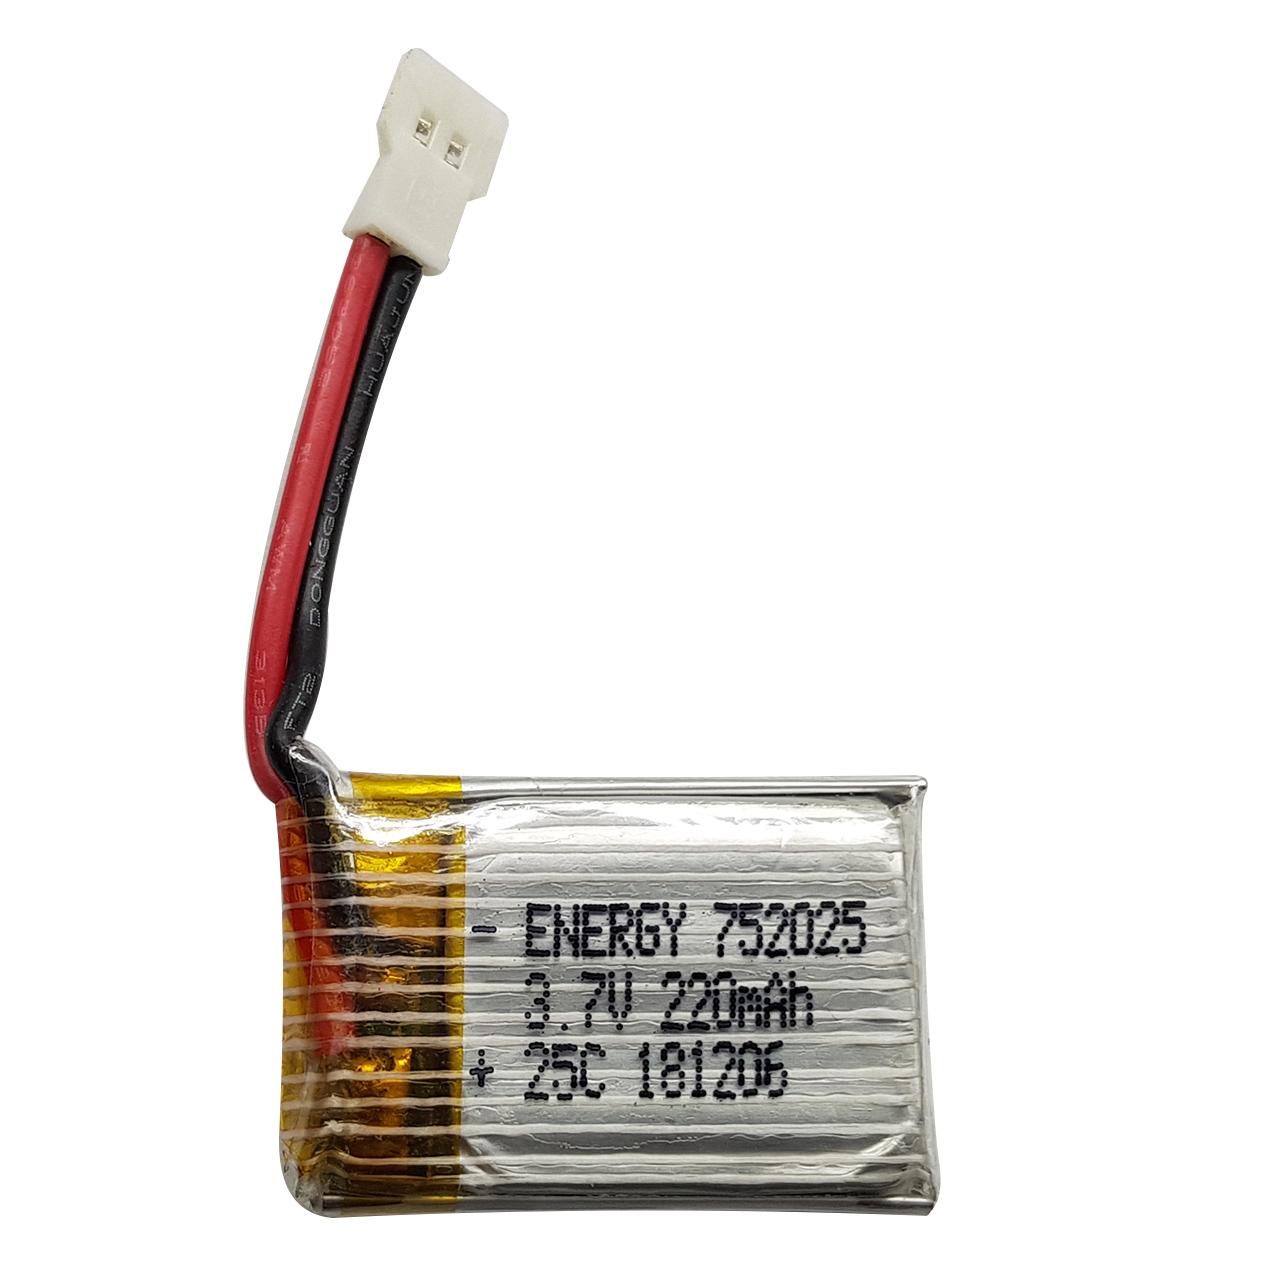 باتری لیتیومی مدل HP-752025 ظرفیت 220 میلی آمپر ساعت